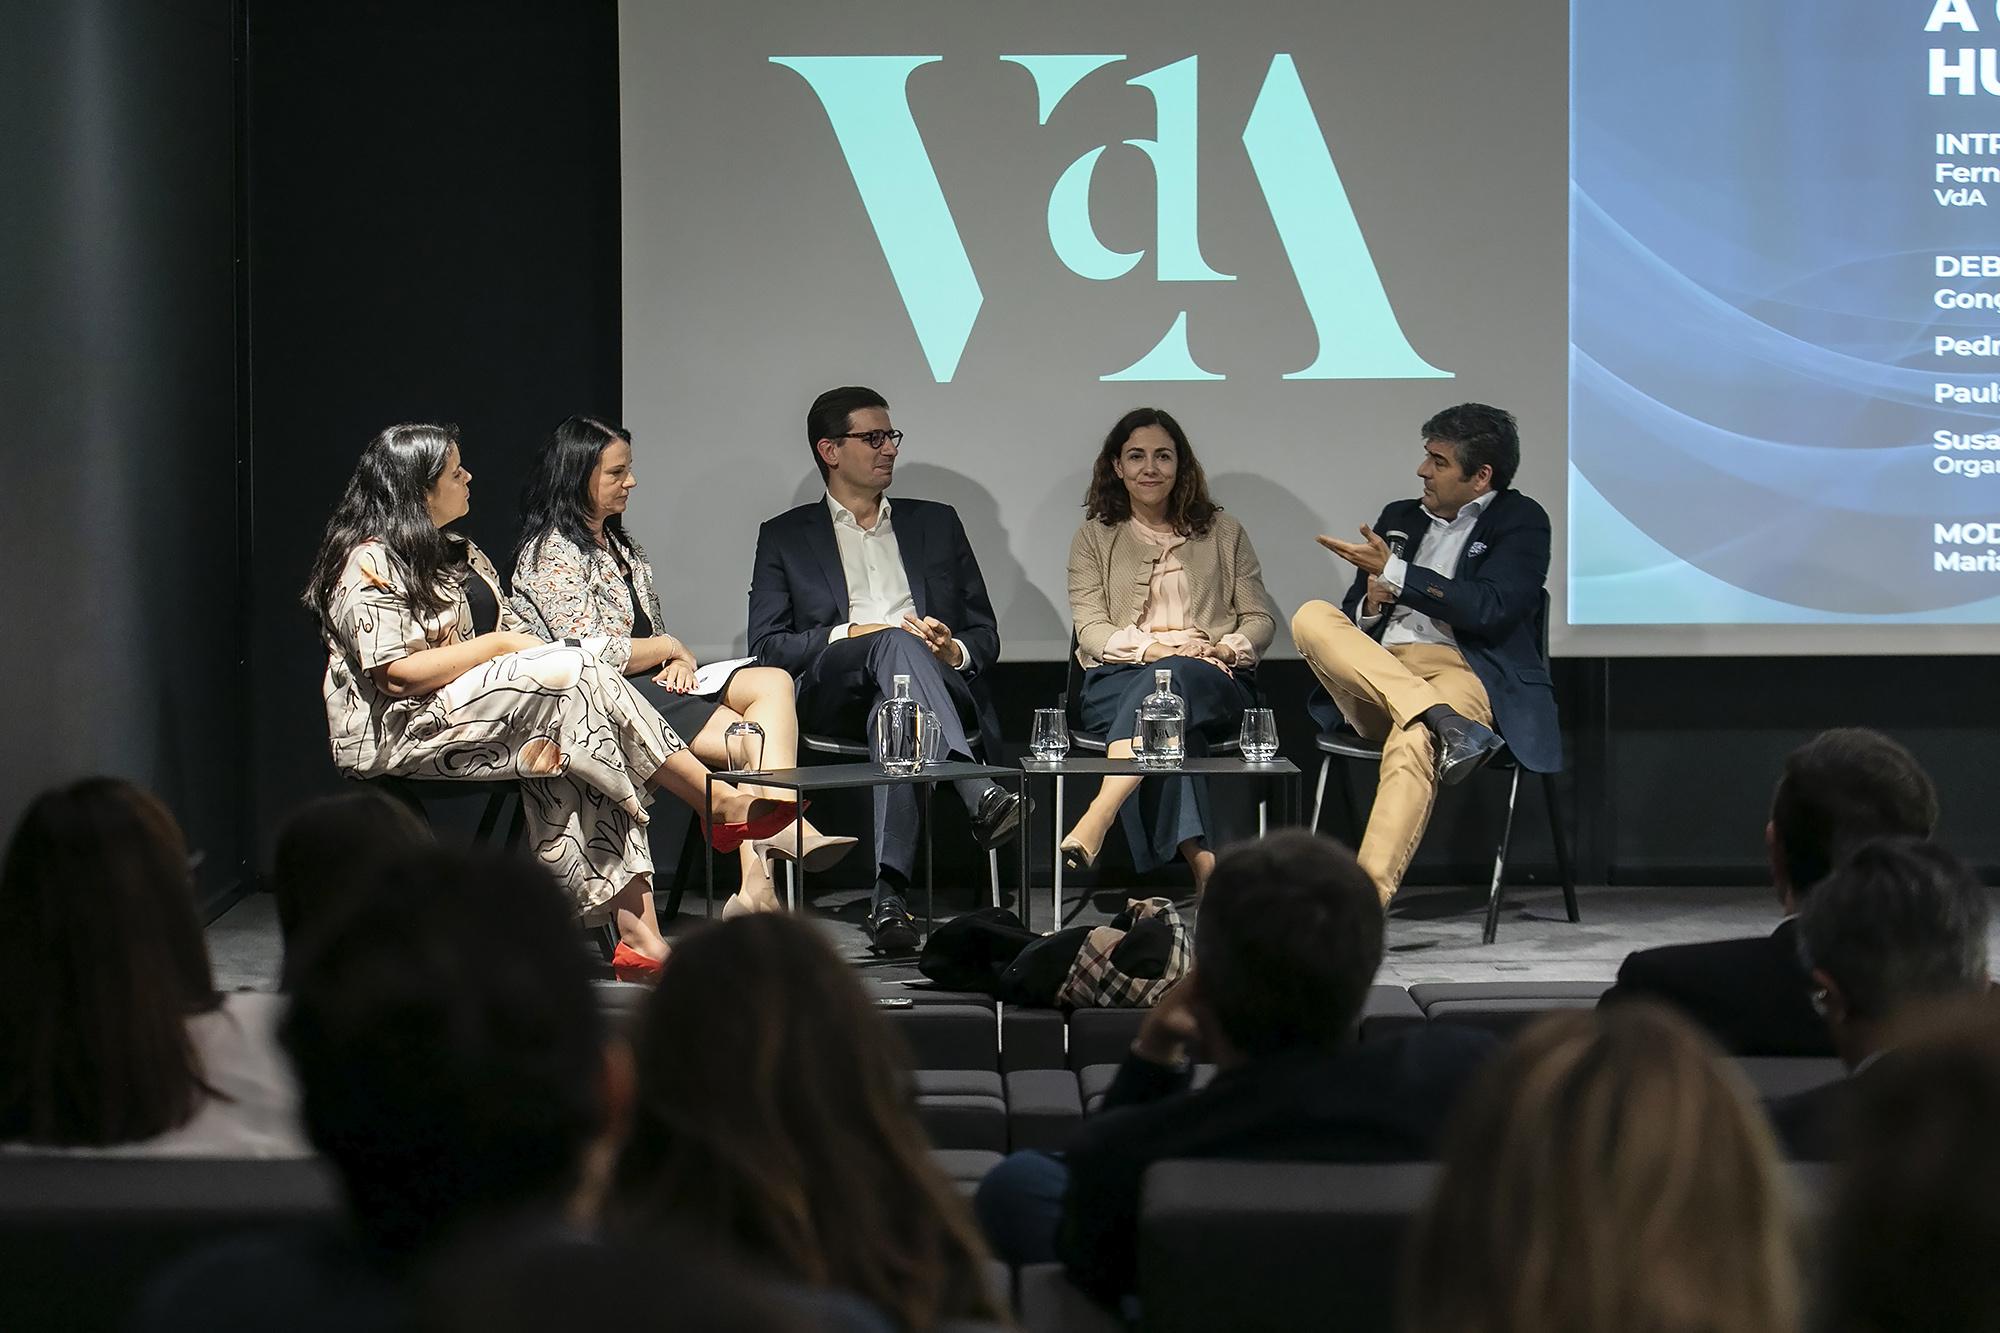 """Conferência VdA - """"A gestão de recursos humanos na era digital"""" - 26JUN19"""